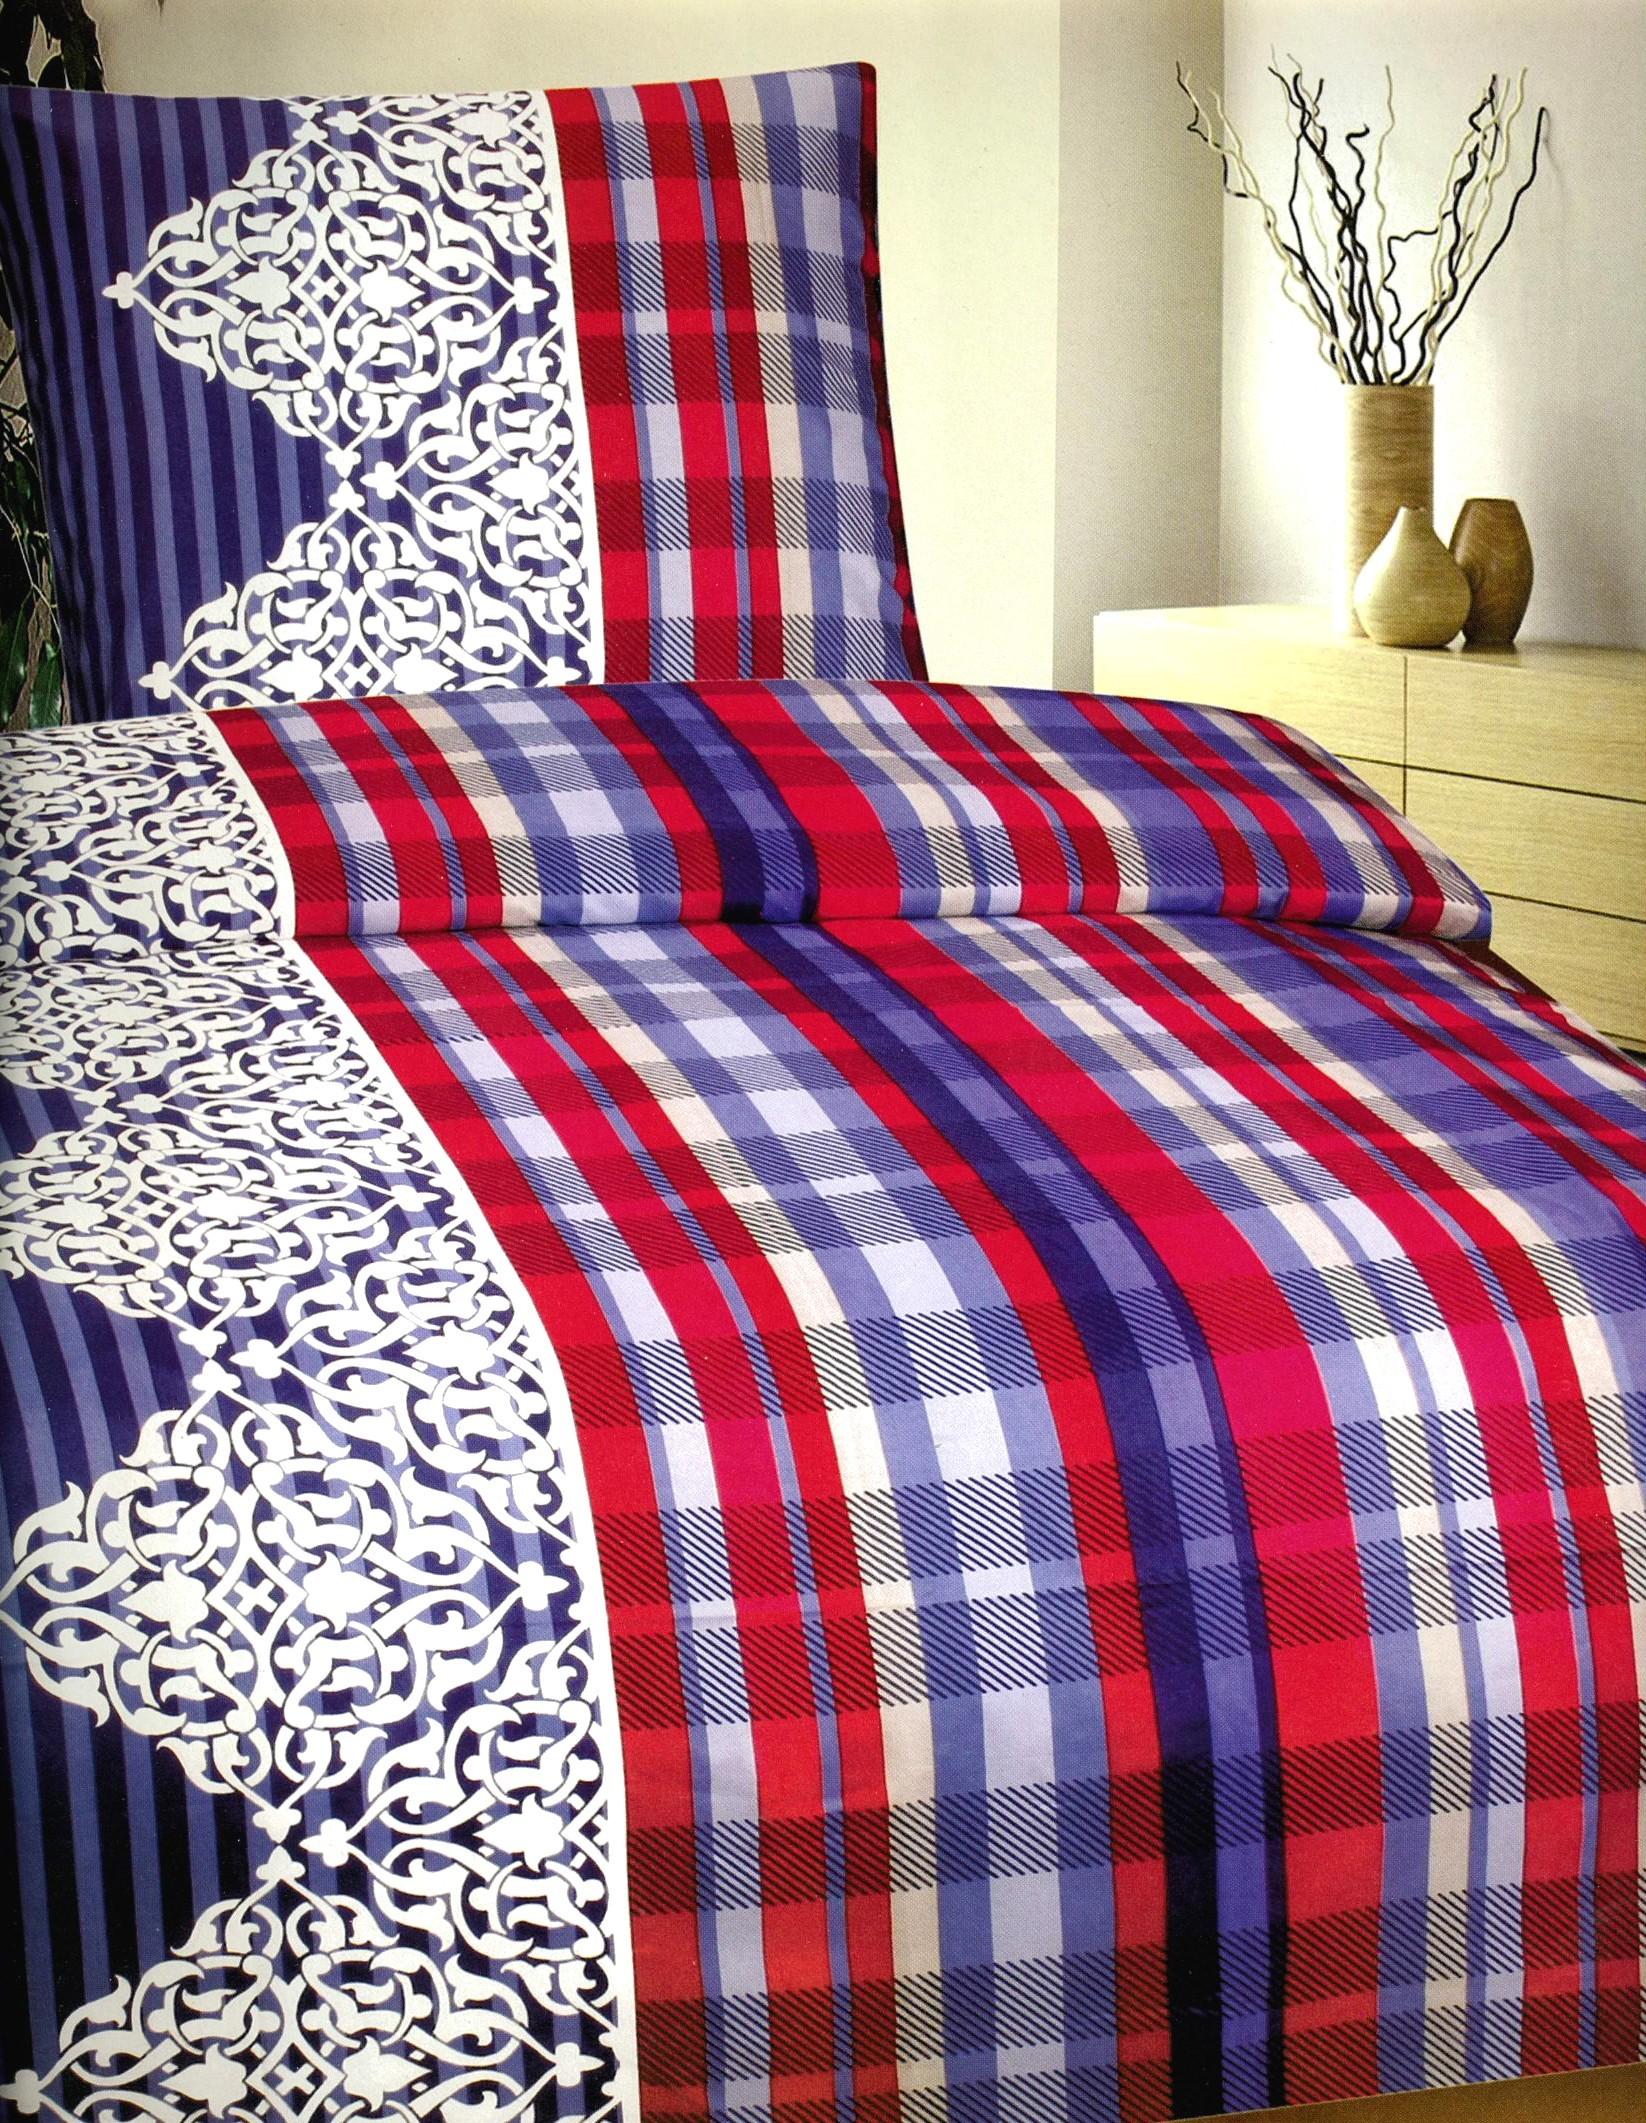 6 tlg bettw sche microfaser 135x200 cm blau rot gestreift set mit bettlaken 4260273027326 ebay. Black Bedroom Furniture Sets. Home Design Ideas